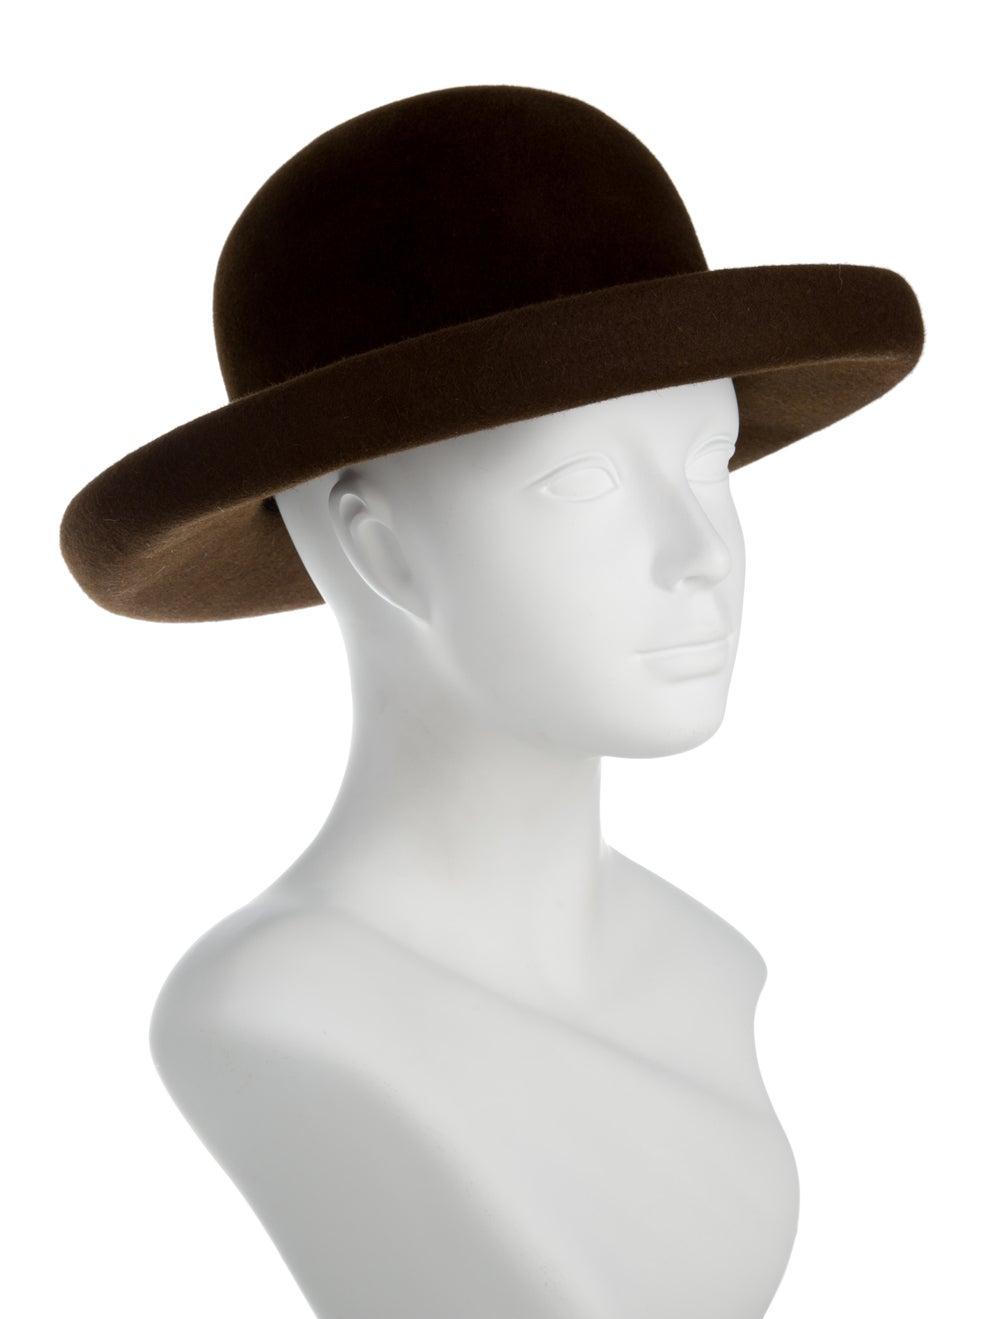 Eric Javits Suede Wide-Brim Hat brown - image 3